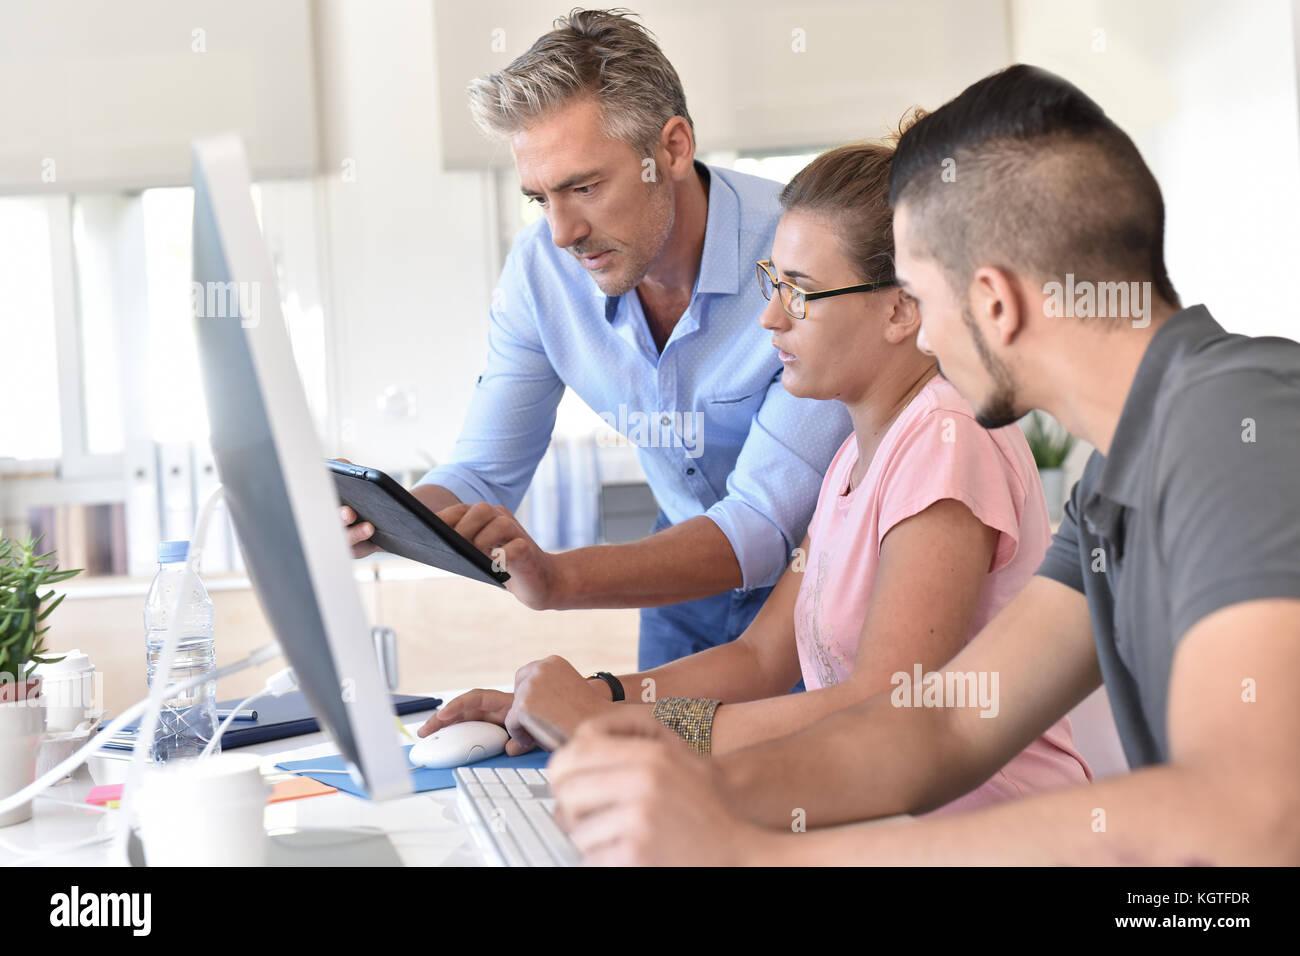 Gli studenti di design corso di formazione utilizzando tablet Immagini Stock